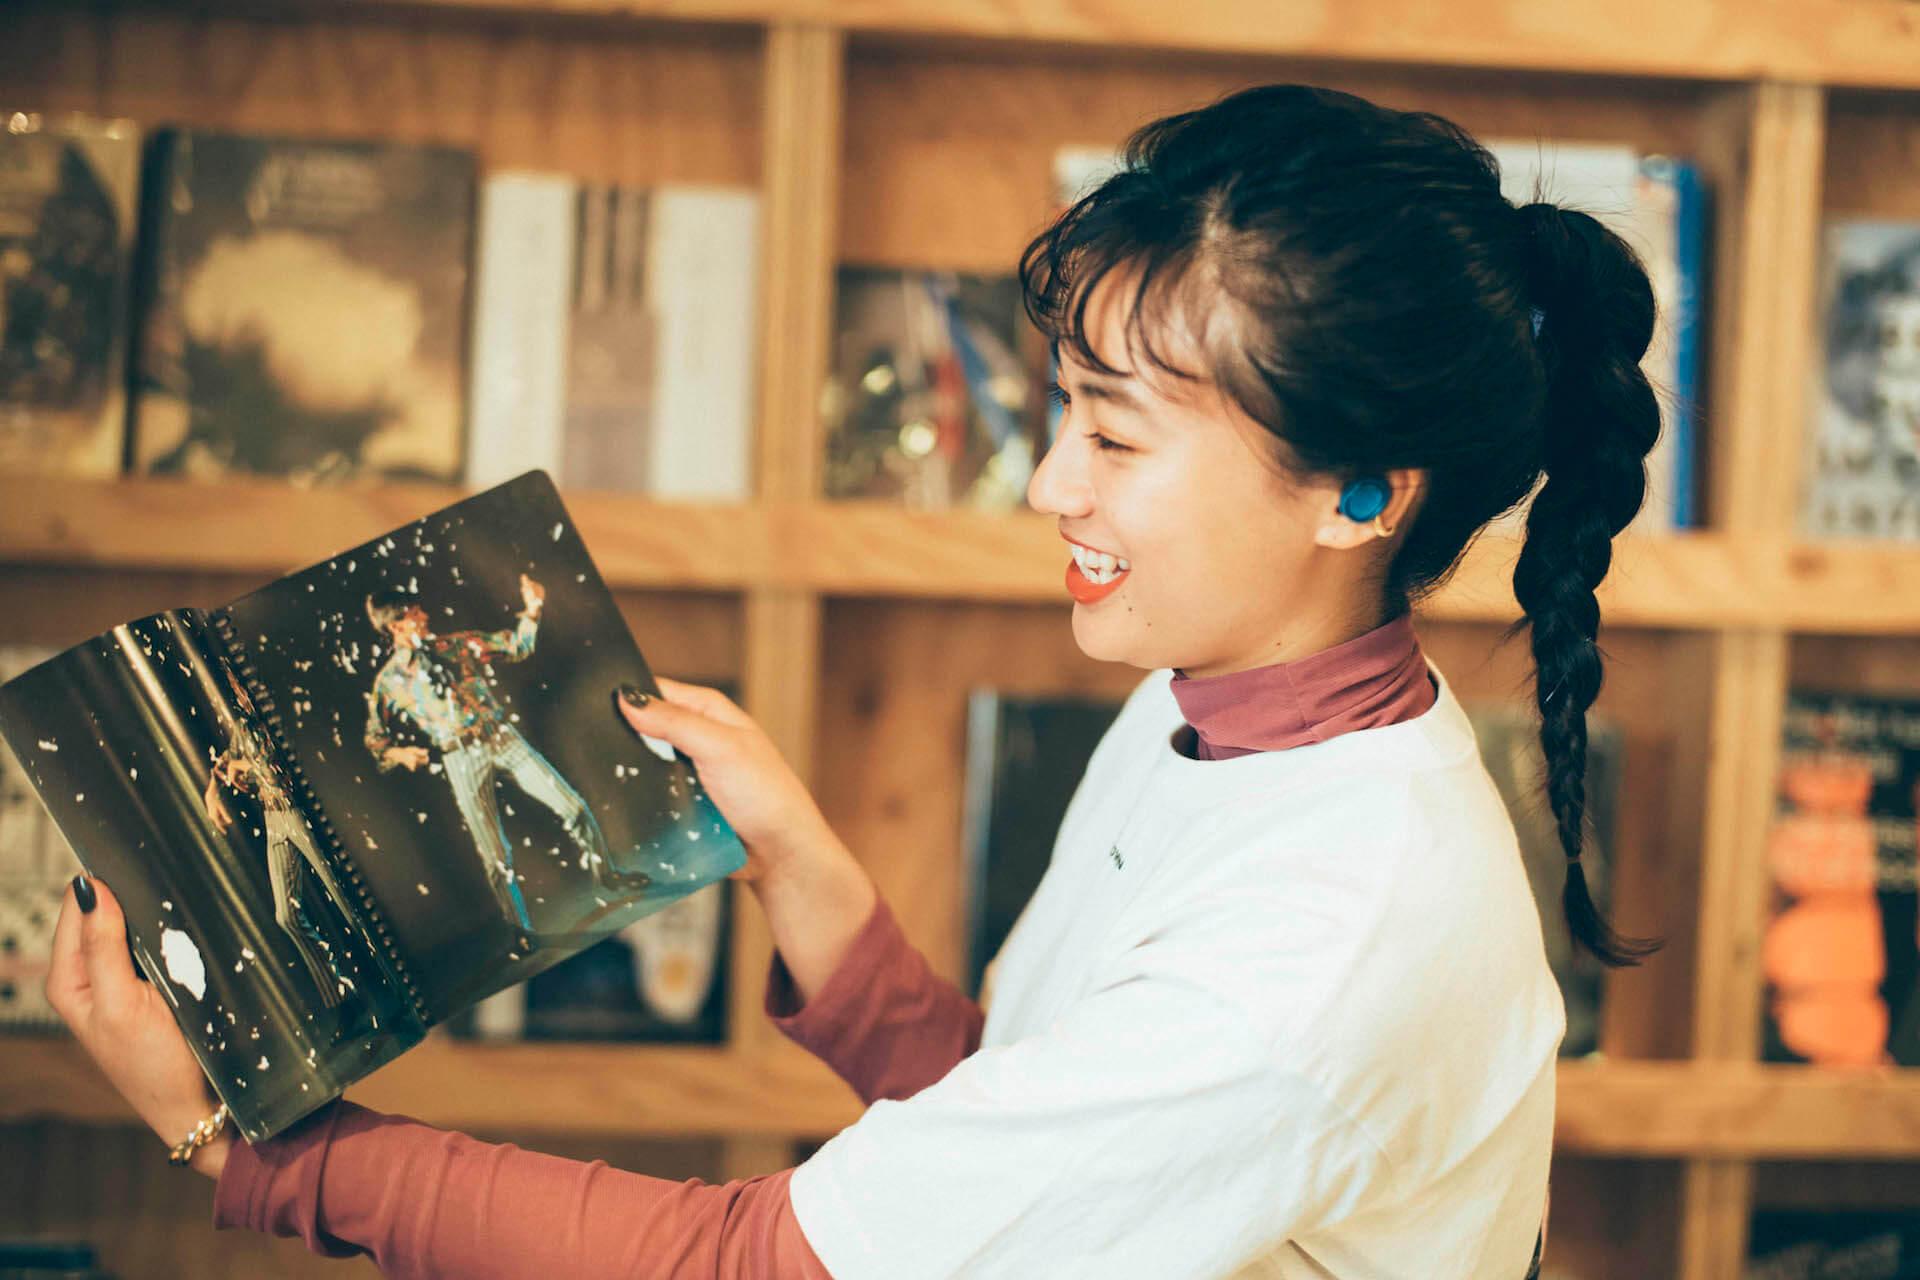 雑誌JELLY、TGCで活躍するモデル玖瑠実があいみょん、スダンナユズユリーら女性アーティストを中心にセレクトしたプレイリストを公開! tech200507_kurumi_at_1